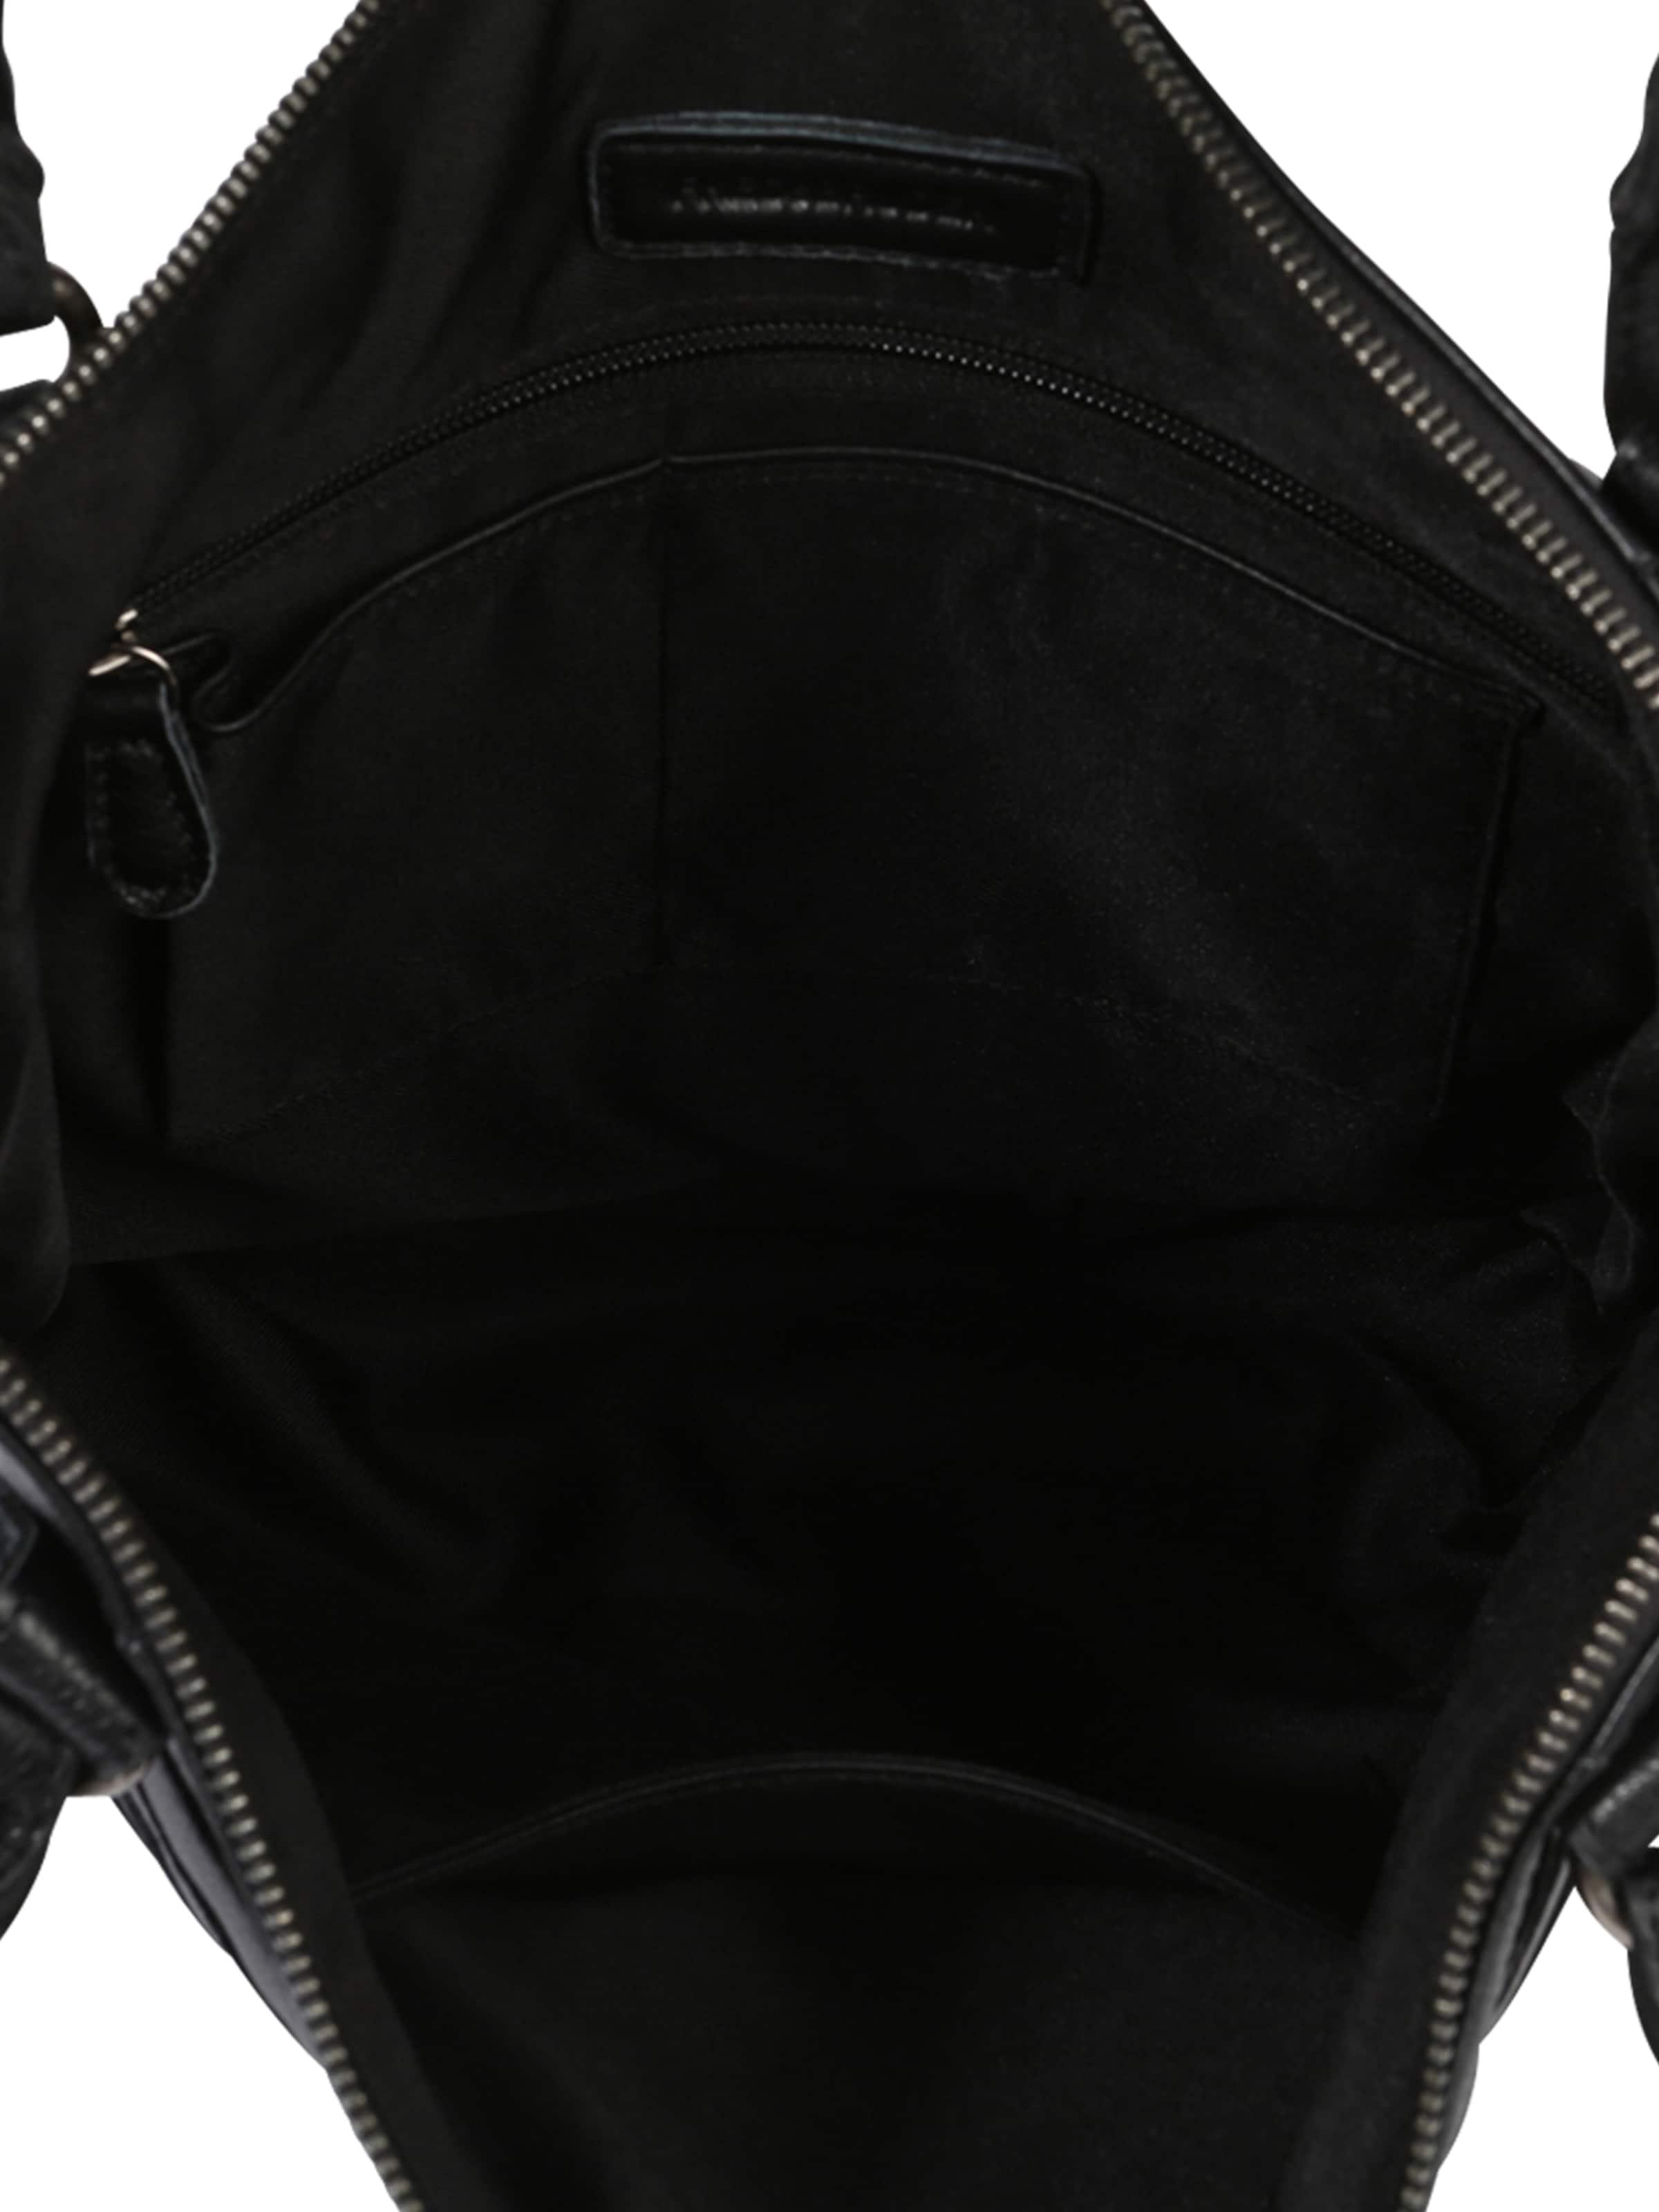 'herzchen' In Schwarz Handtasche Handtasche Handtasche In In Fredsbruder 'herzchen' 'herzchen' Fredsbruder Fredsbruder Schwarz vmNyOnw80